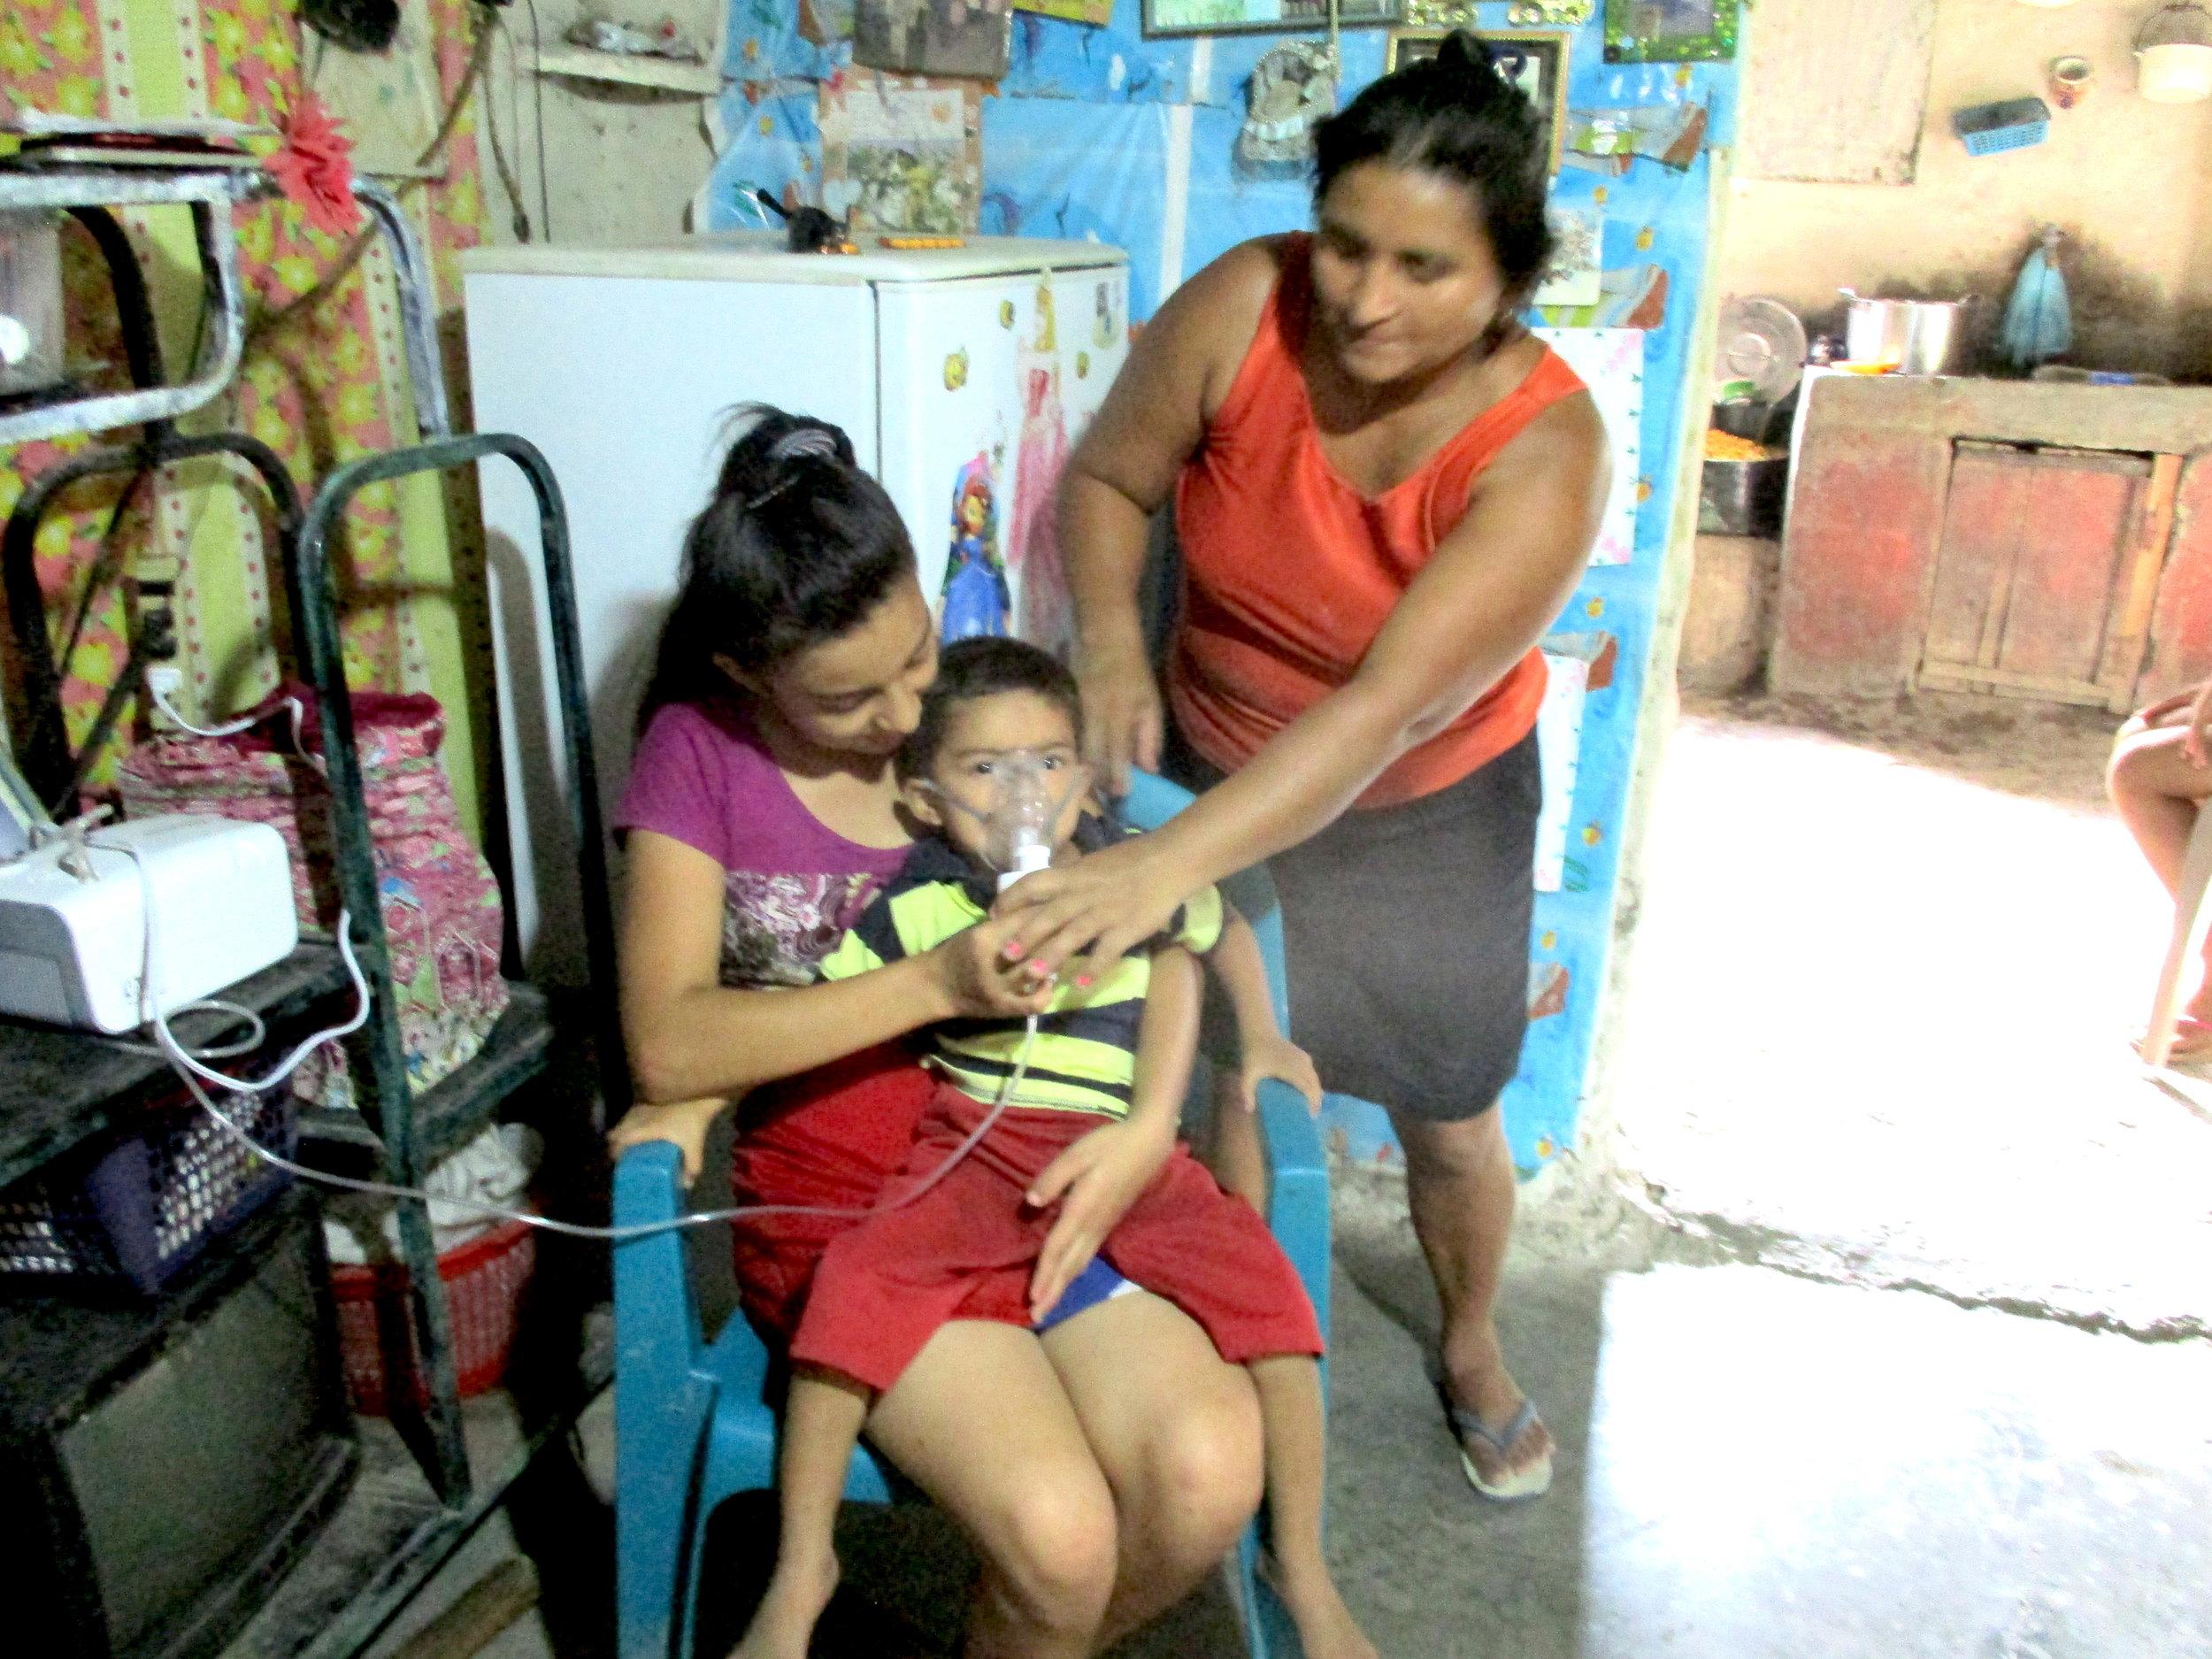 Bienvenida Aguilar, El Tule health volunteer, using a nebulizer.